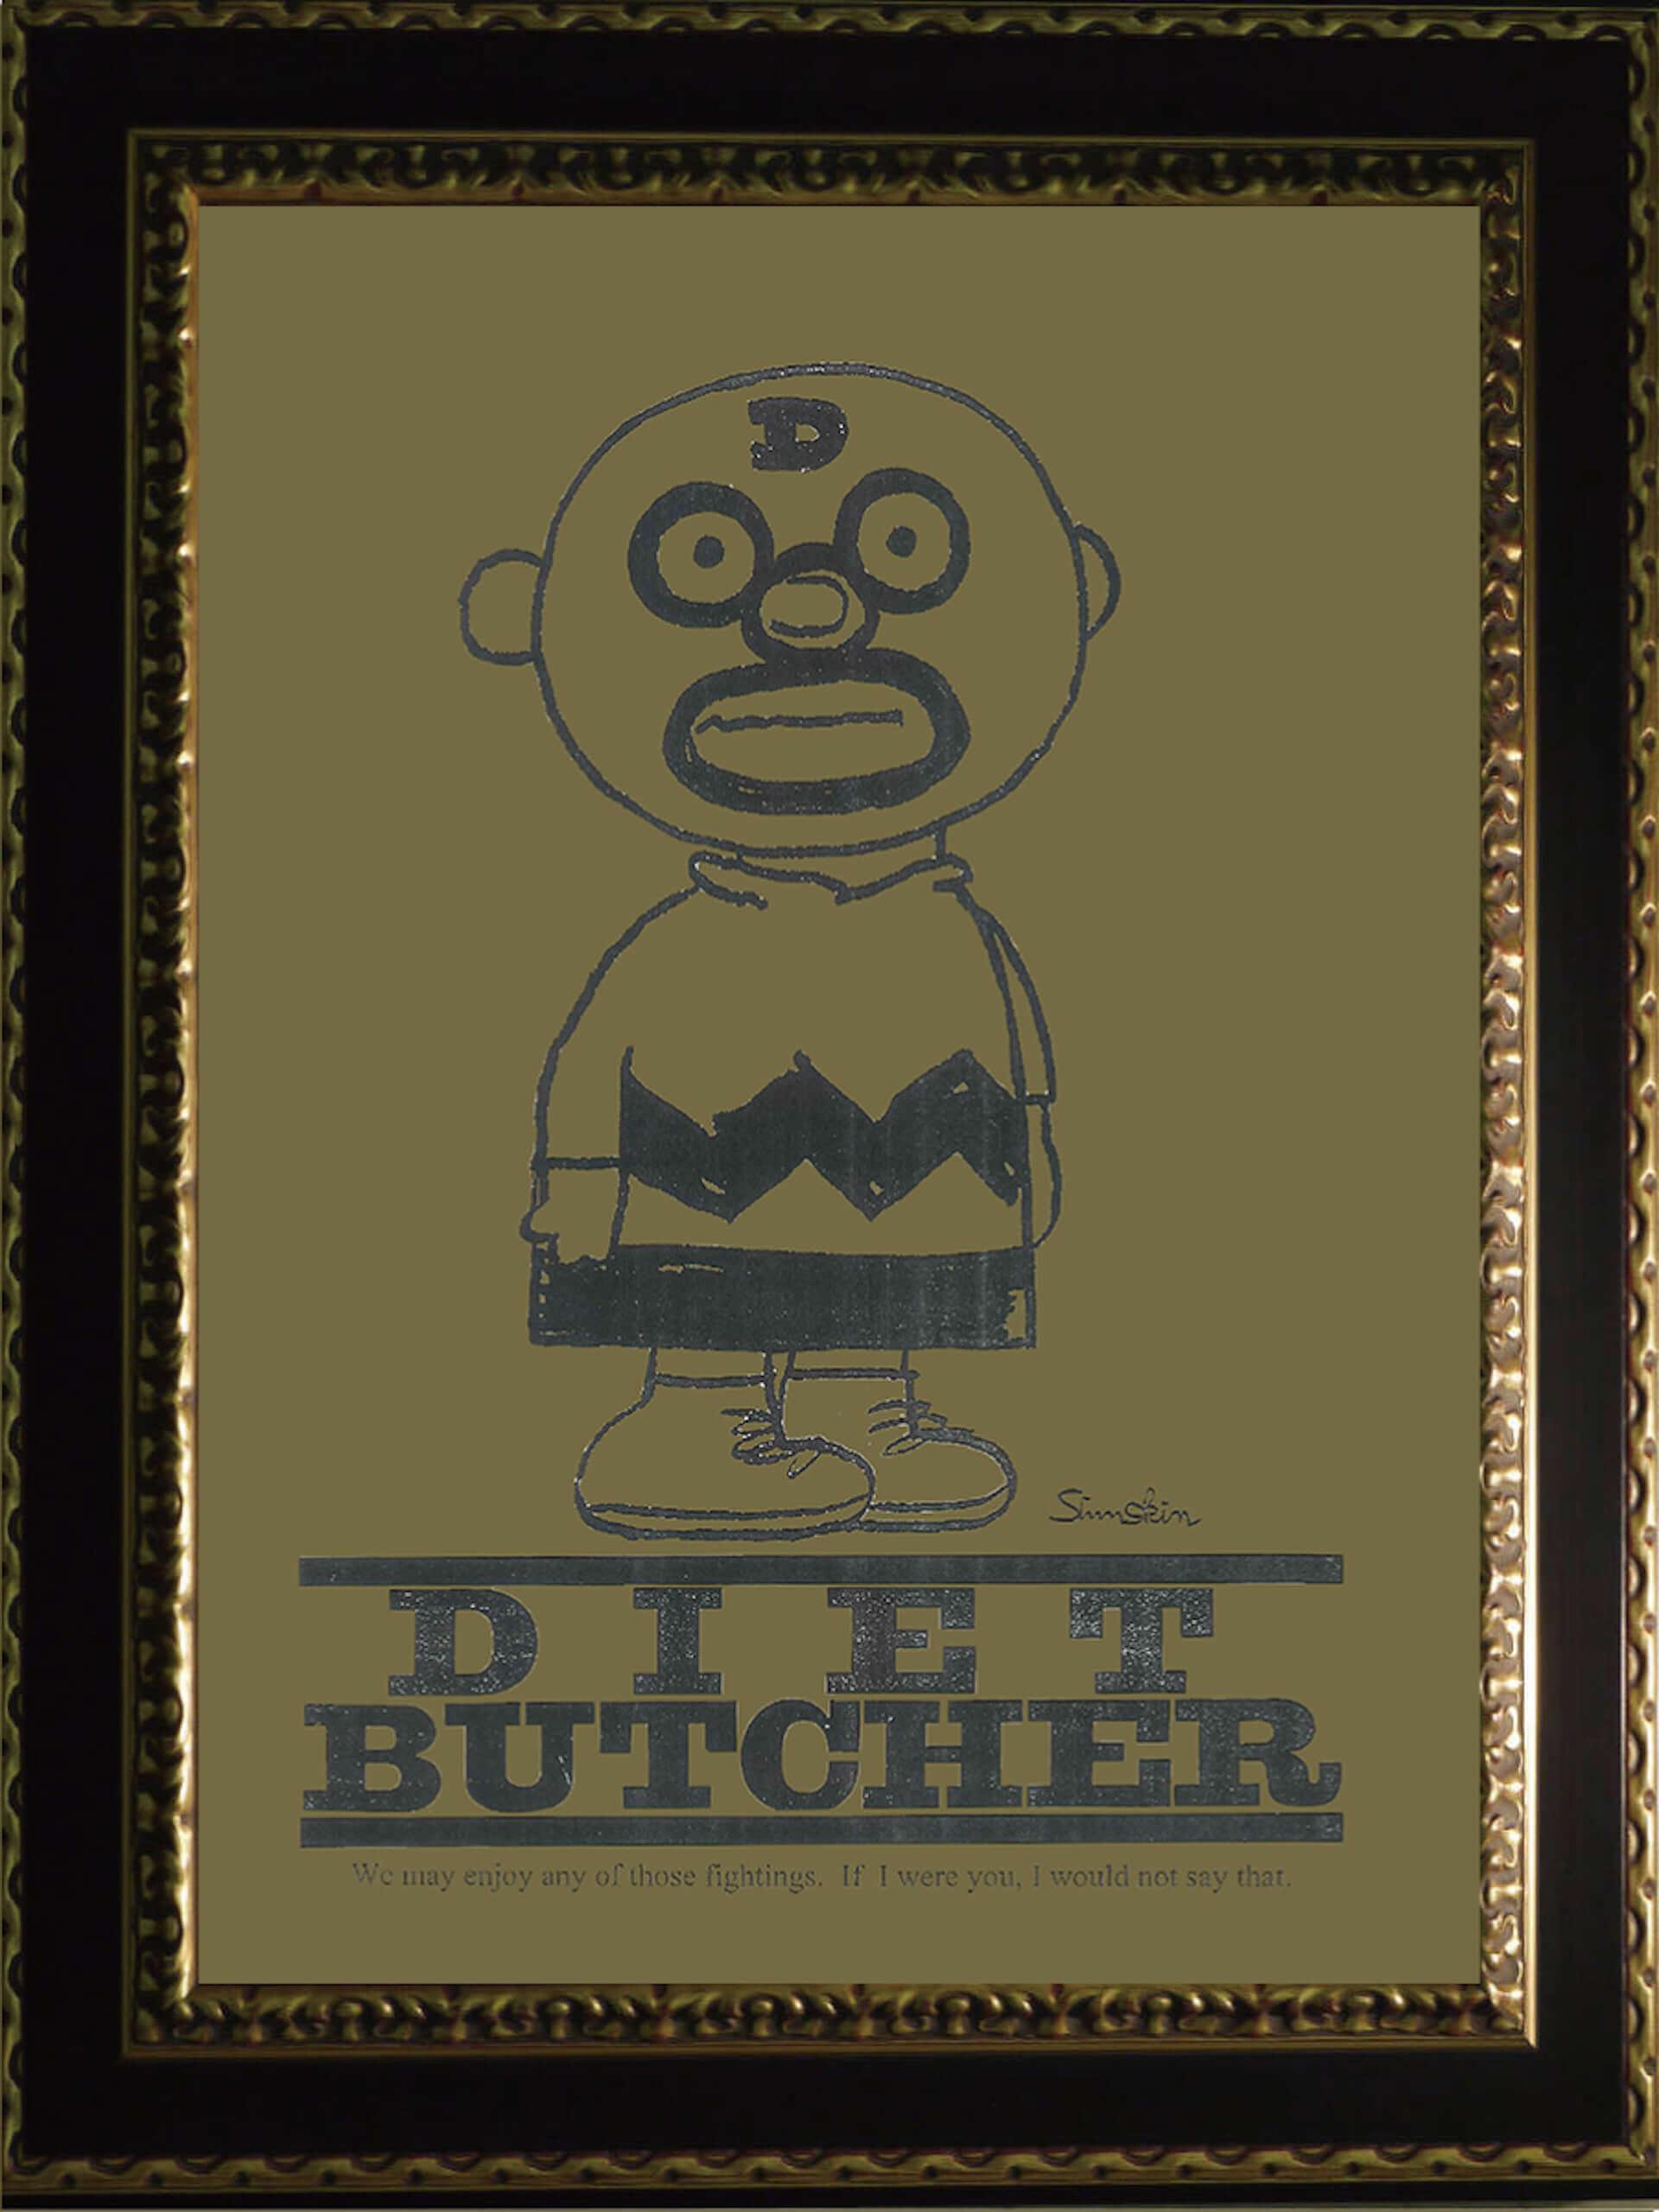 DIET BUTCHER SLIM SKINオンライン限定Tシャツに12種類のグラフィックが復刻!「GRAPHIC GALLERY」カテゴリがオープン 200415_graphic_gallery_8-1920x2560